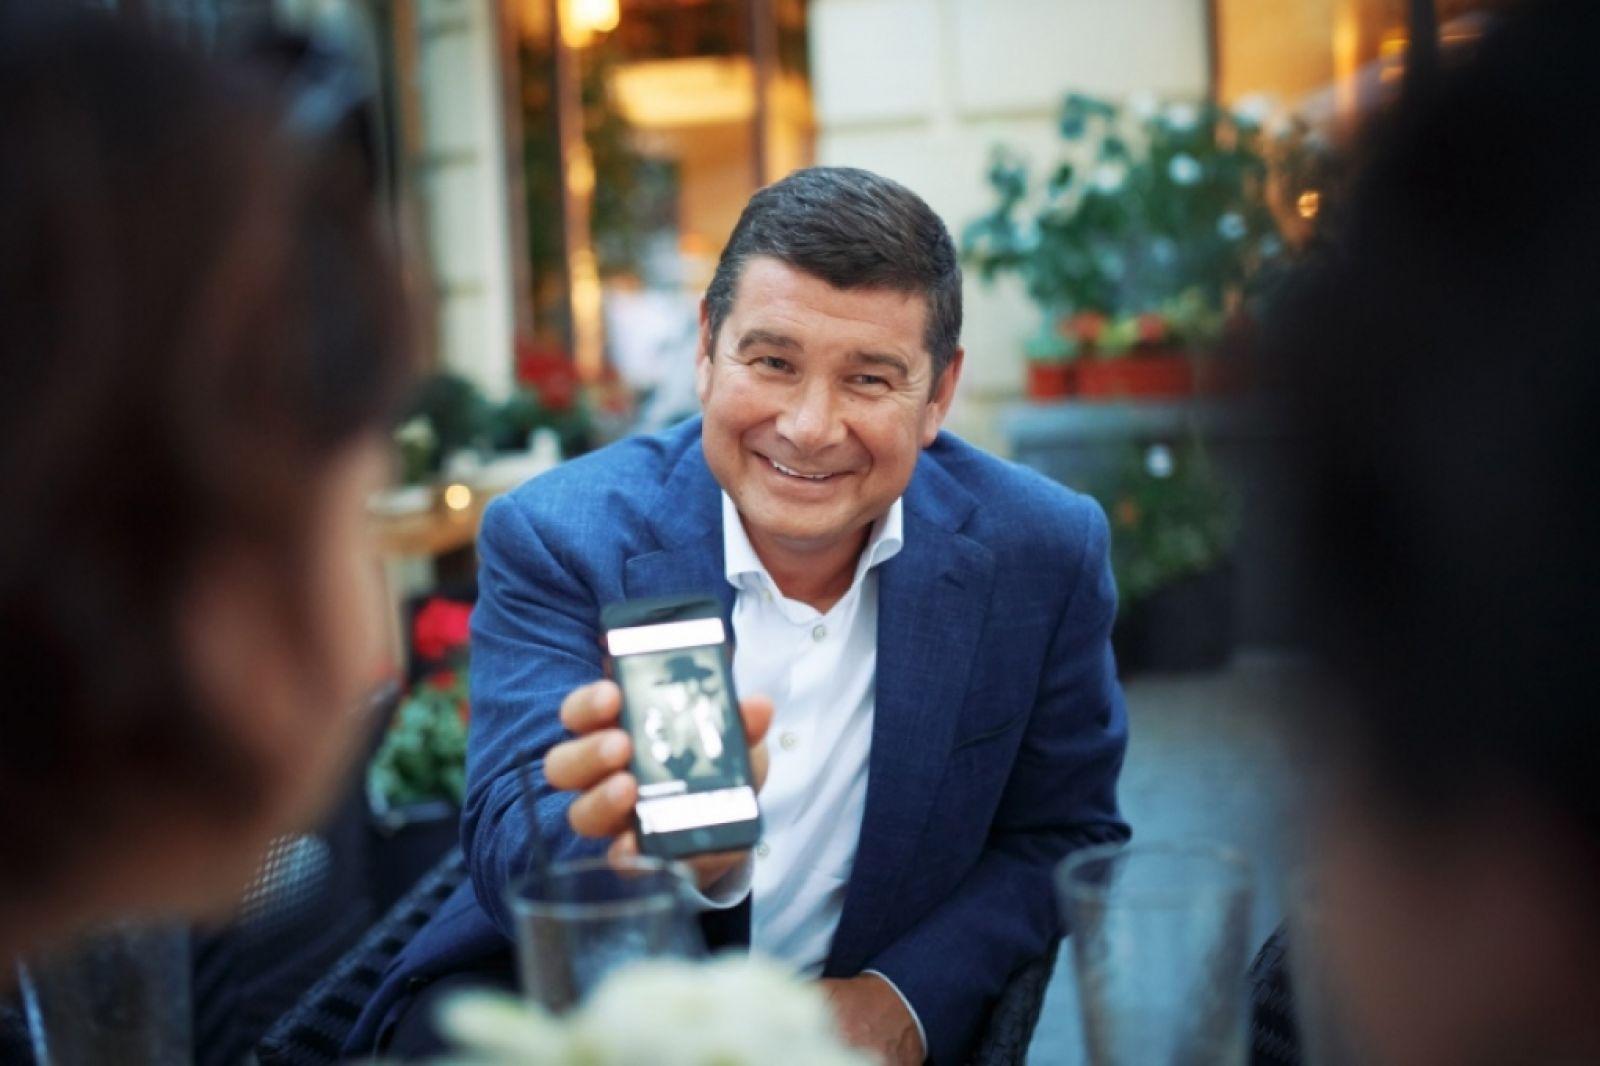 Благодаря беглому нардепу Александру Онищенко, весь мир узнал расценки в украинском парламенте за голосование